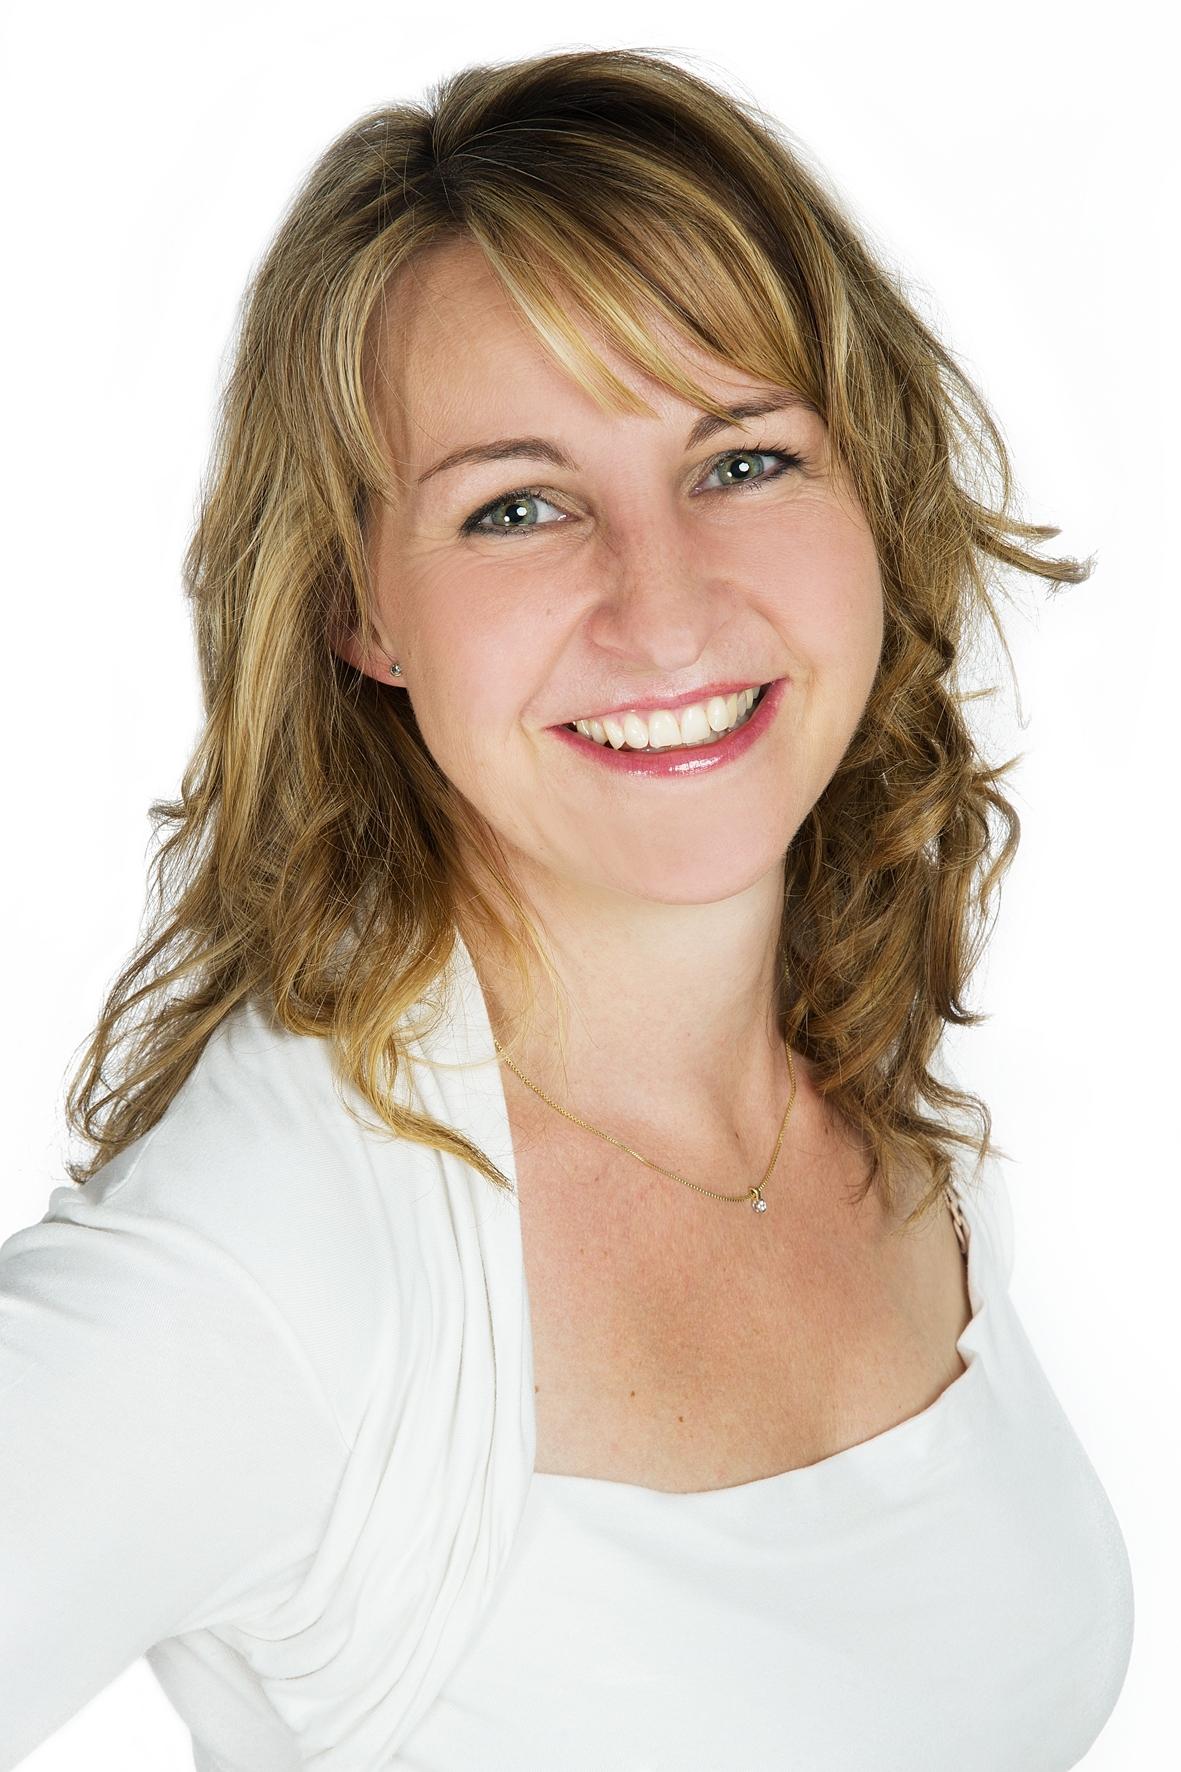 Anke Lindner Farbberaterin Stilberaterin Farbpsychologie